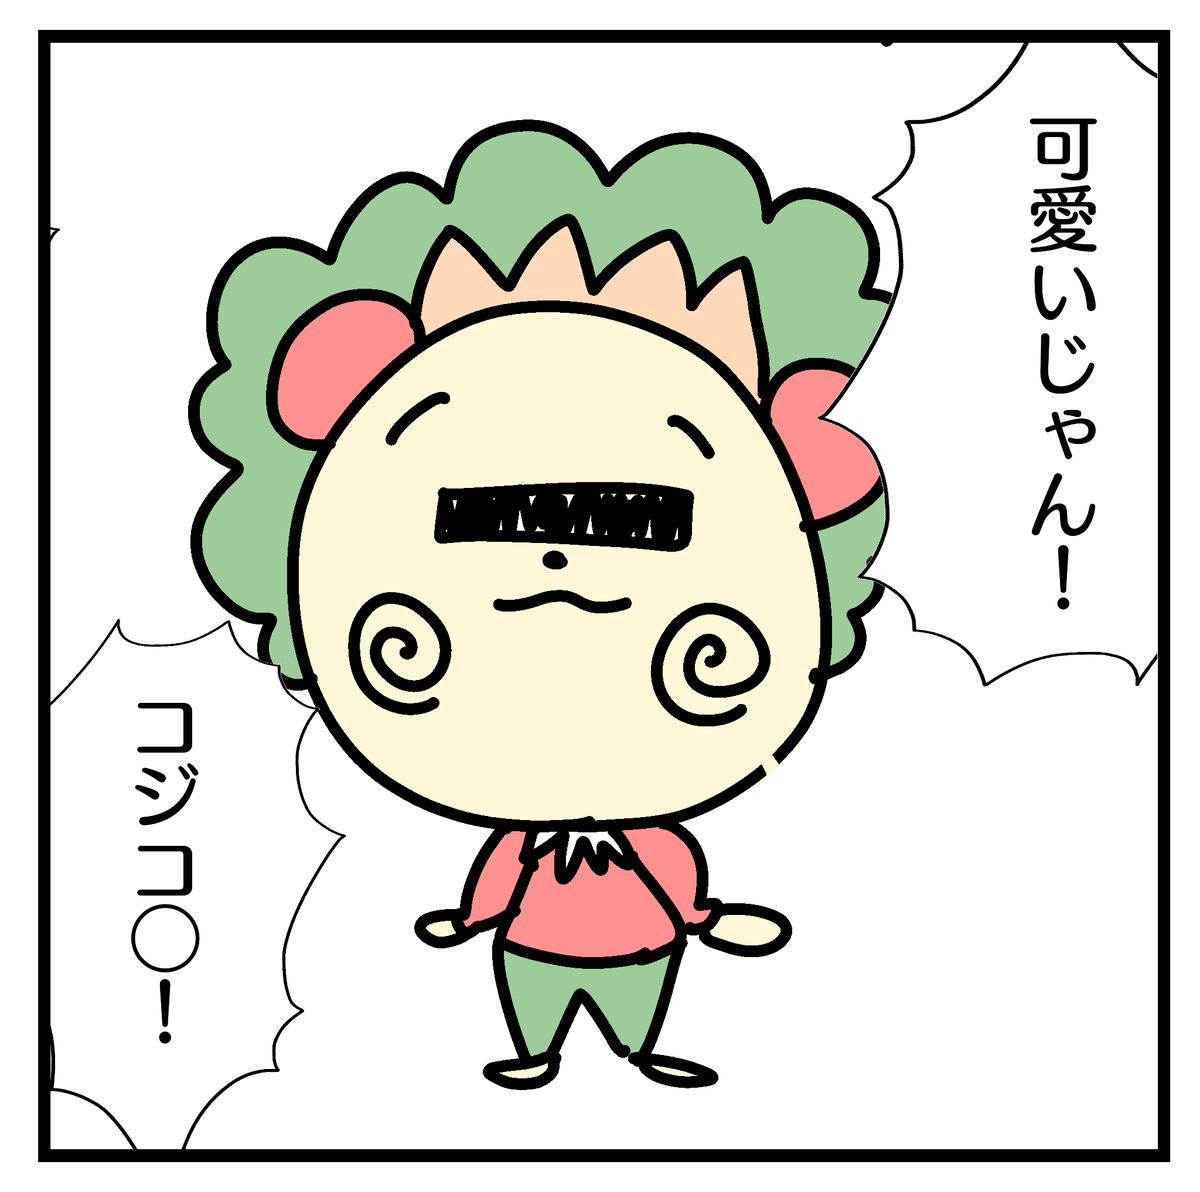 f:id:YuruFuwaTa:20200522160017p:plain